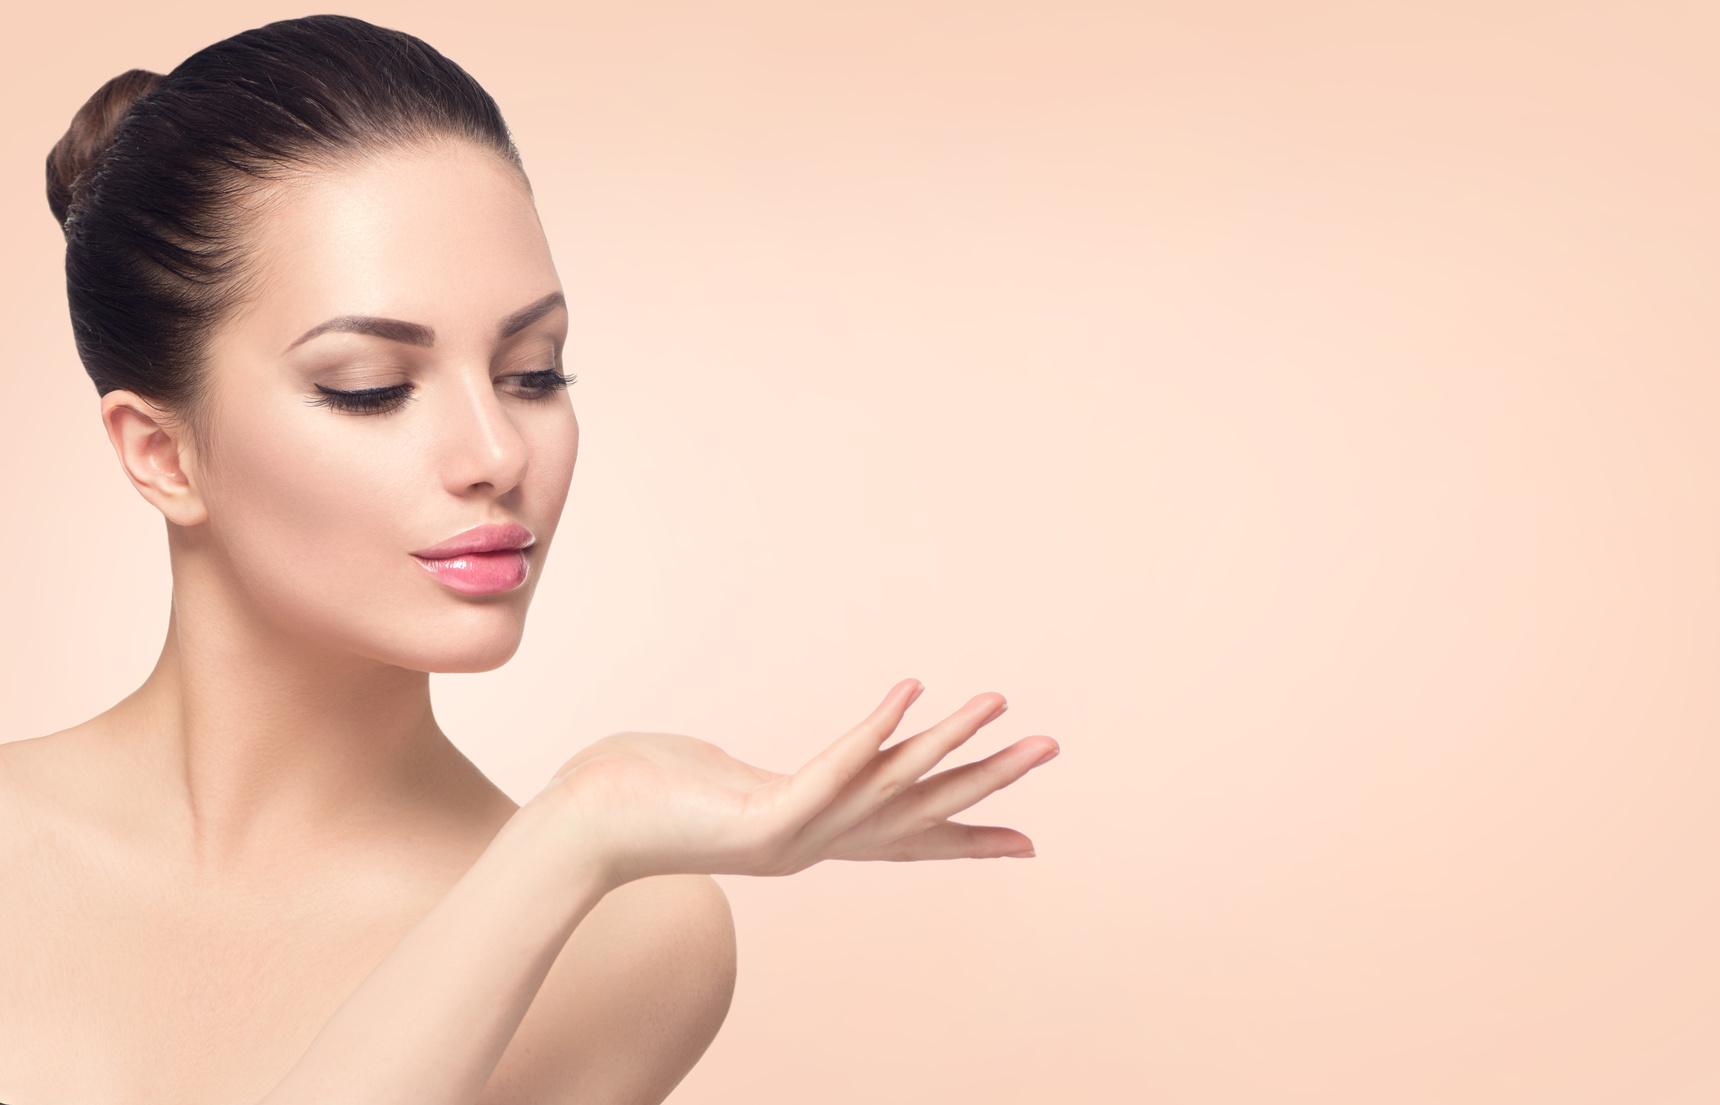 Werden Sie herrlich mit diesem erstaunlichen Schönheit , Hautpflege und Haarpflegeprodukte!